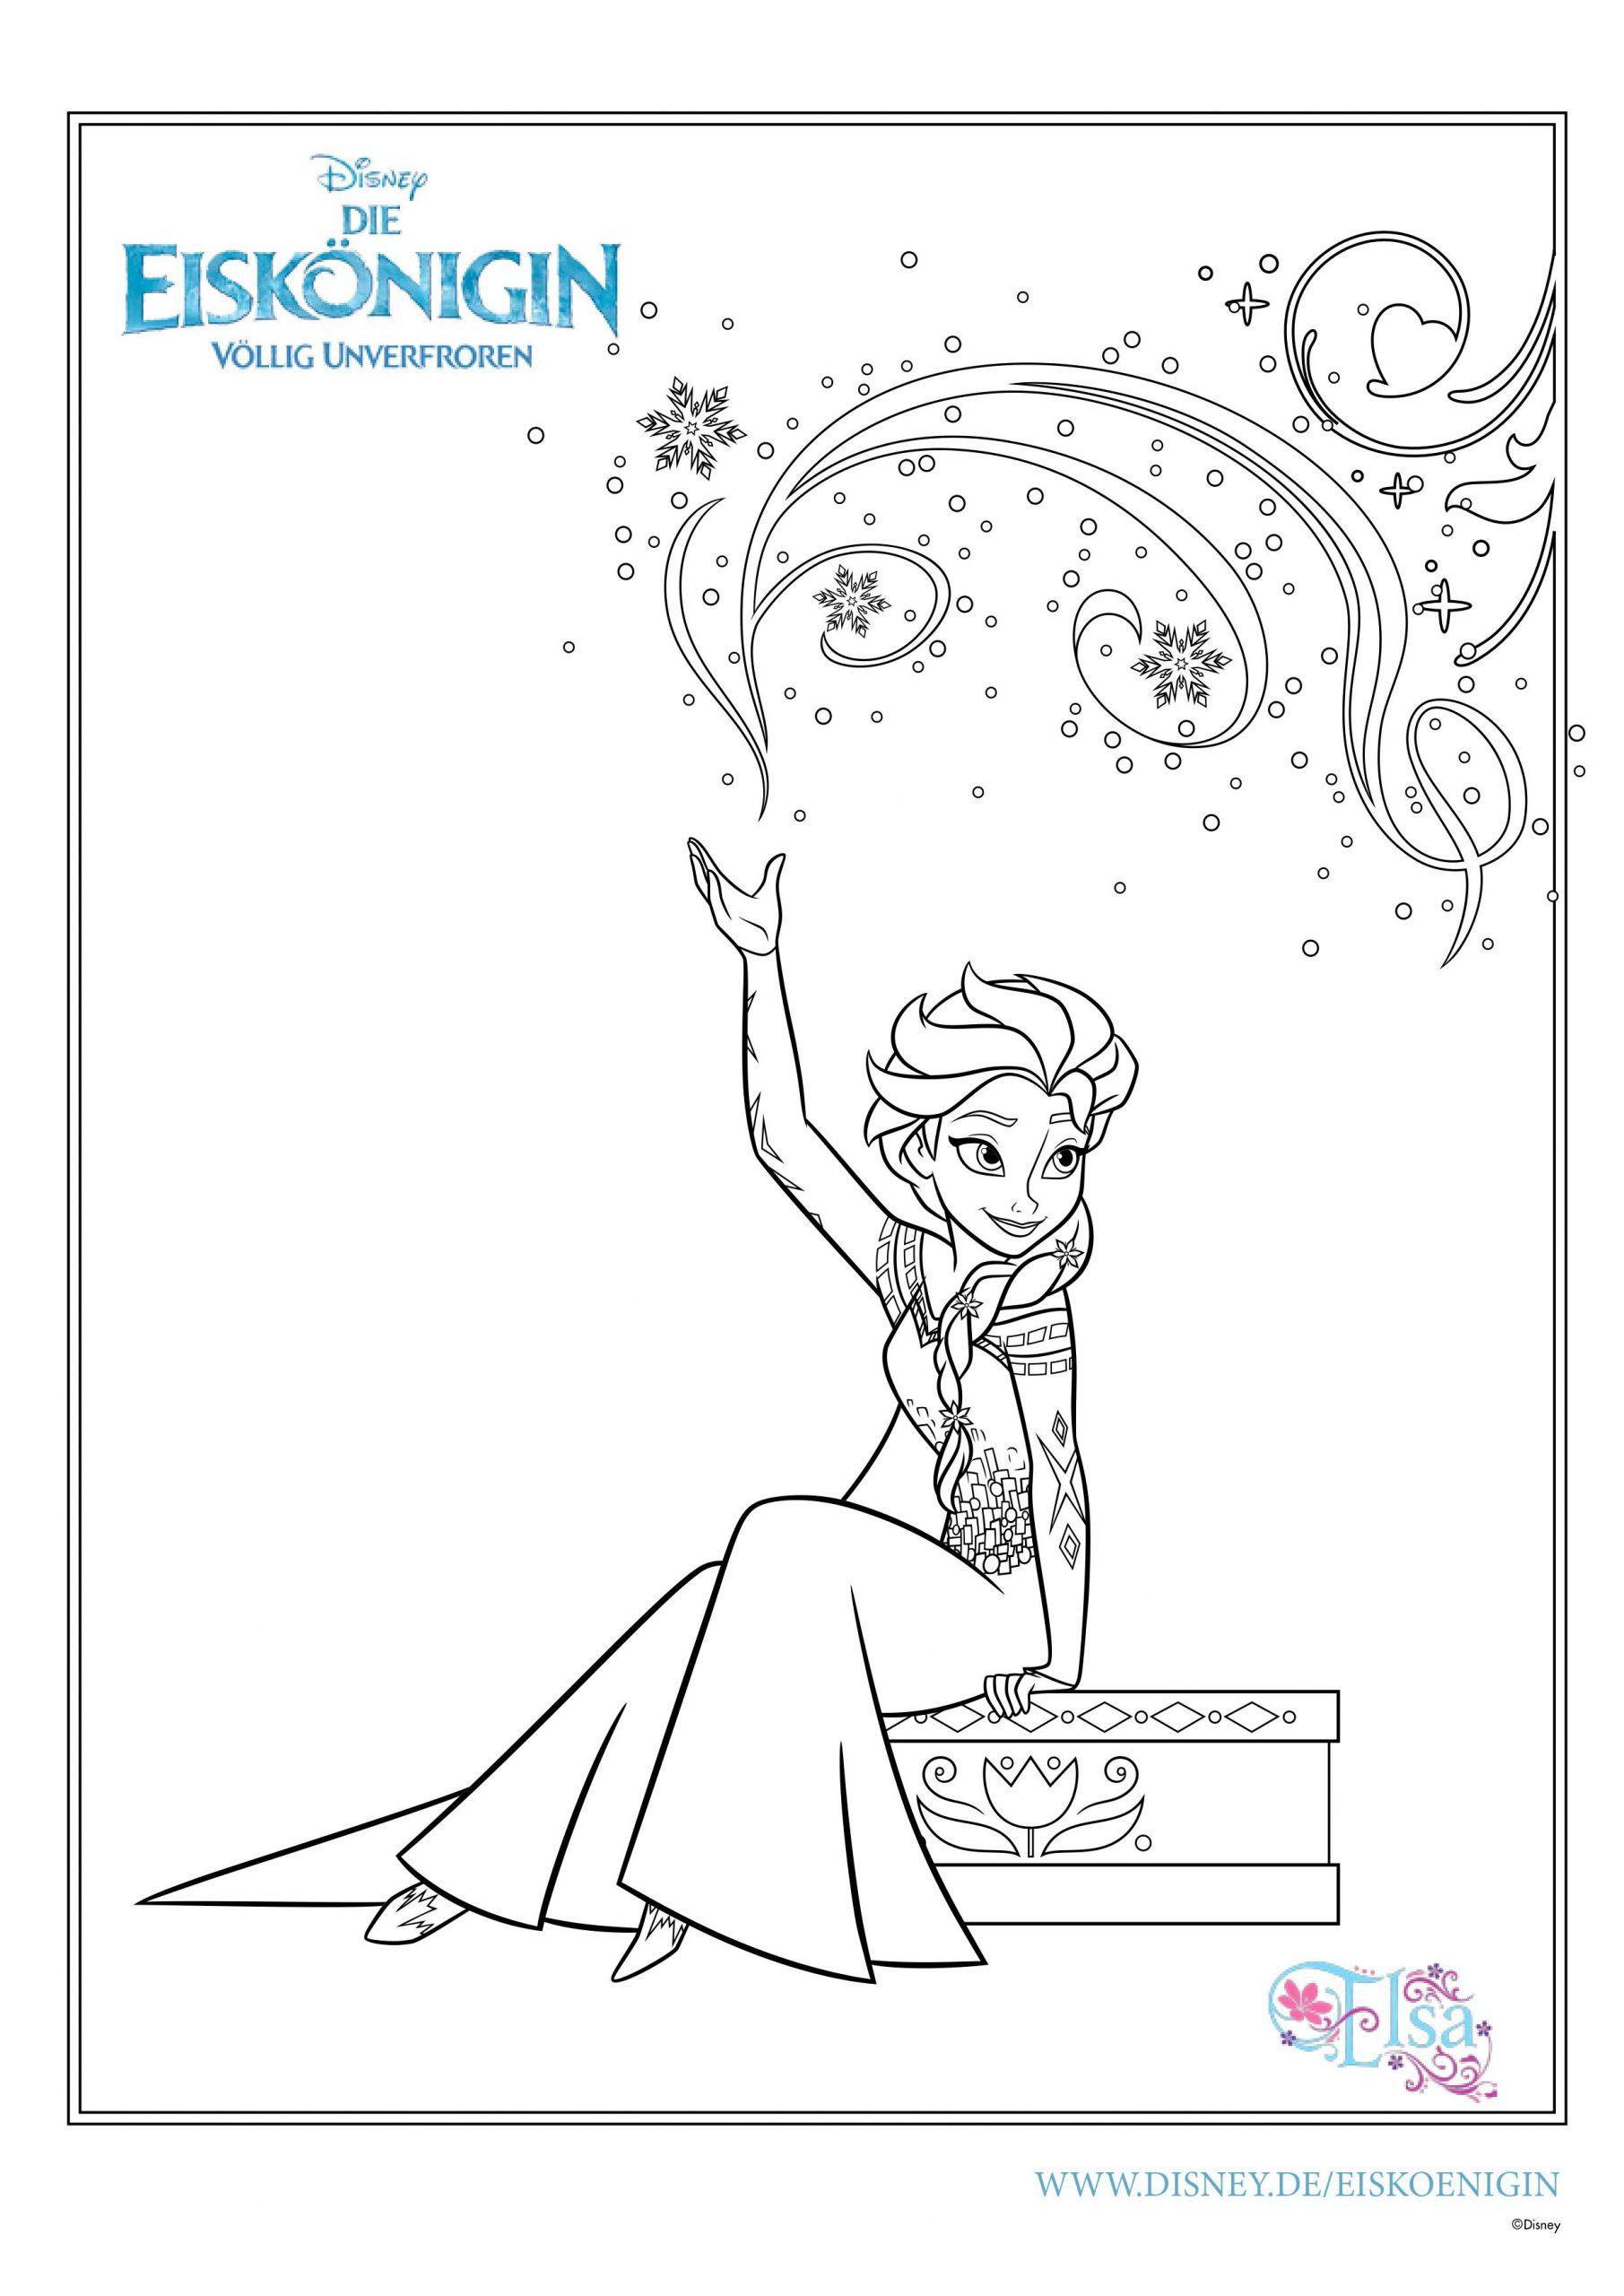 Ausmalbilder Eiskönigin | Mytoys-Blog in Anna Und Elsa Ausmalbilder Zum Ausdrucken